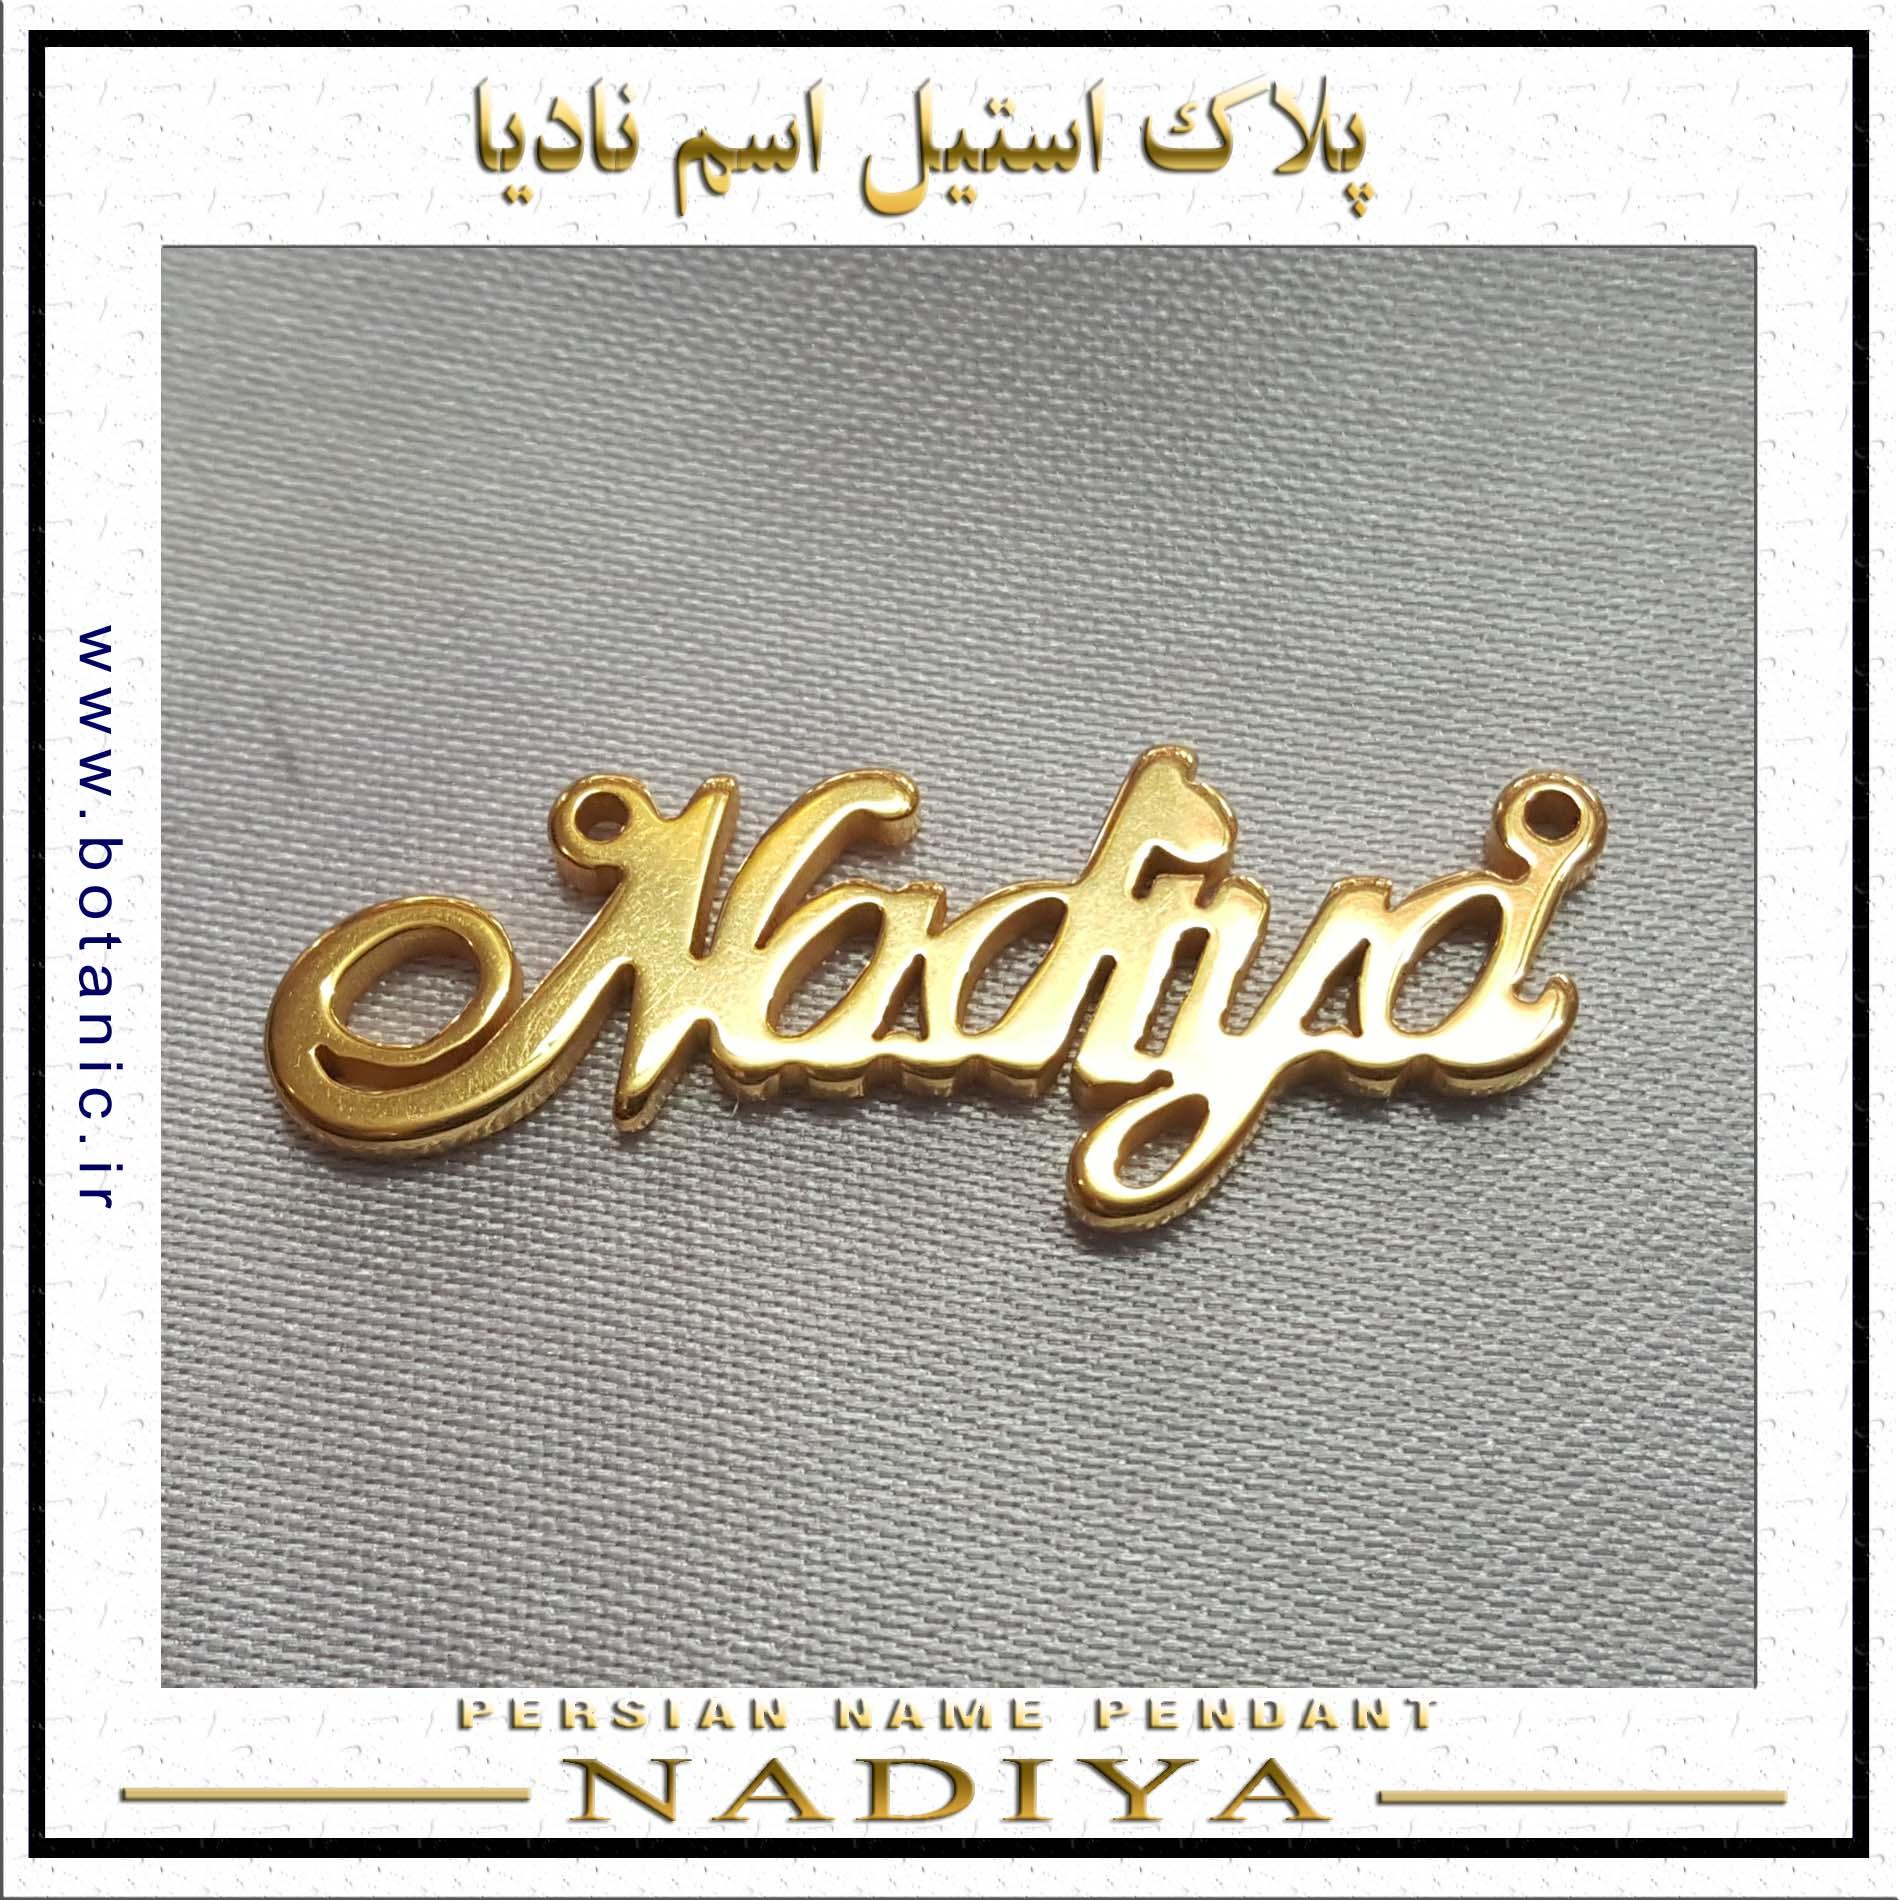 Iranian Name Pendant Nadiya